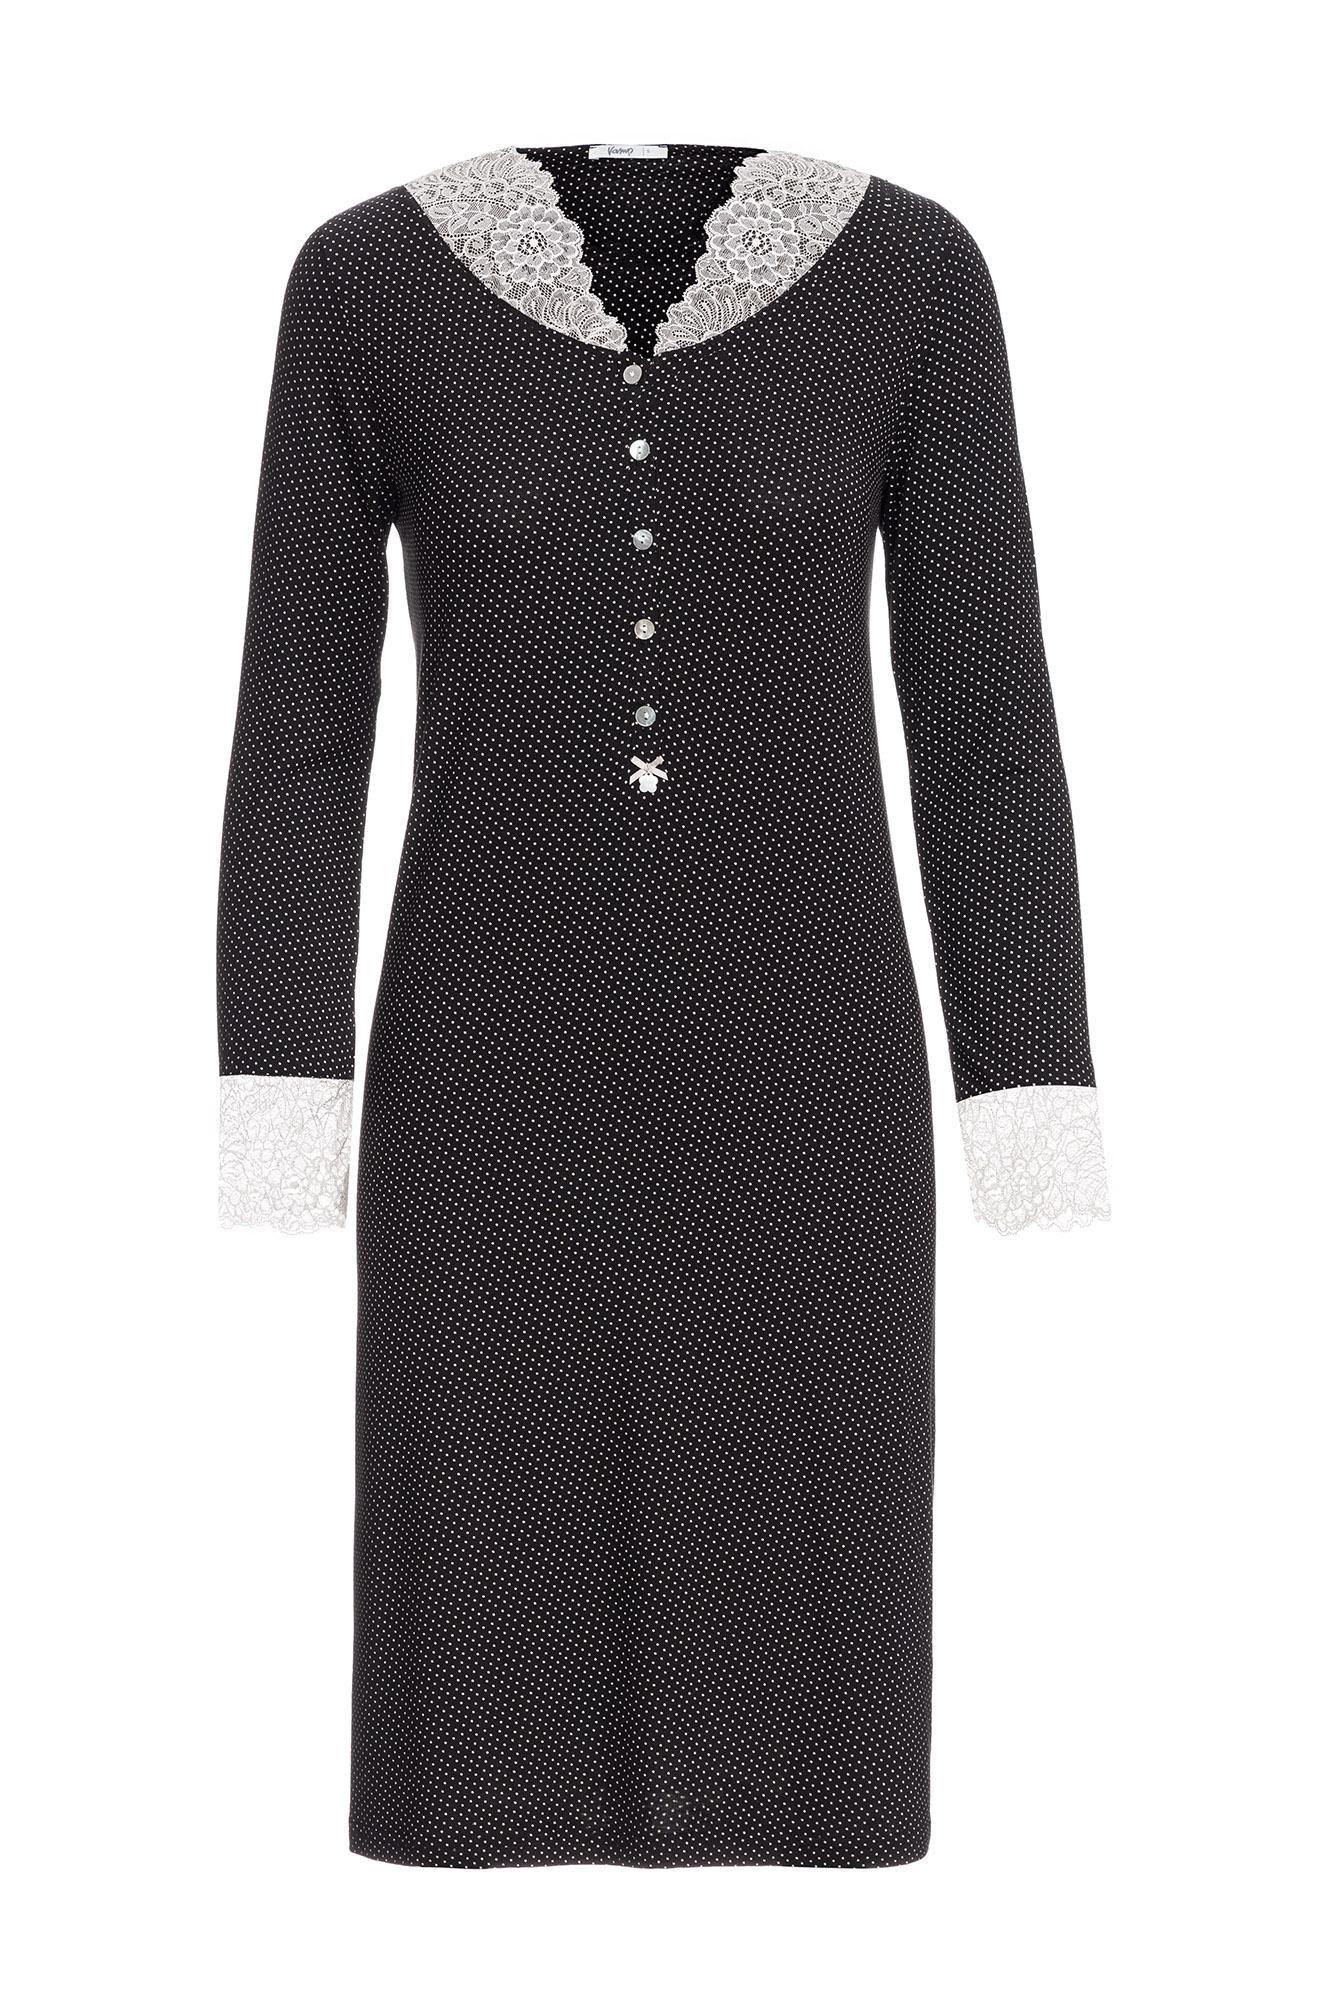 Women's Polka Dot Nightgown Plus Size